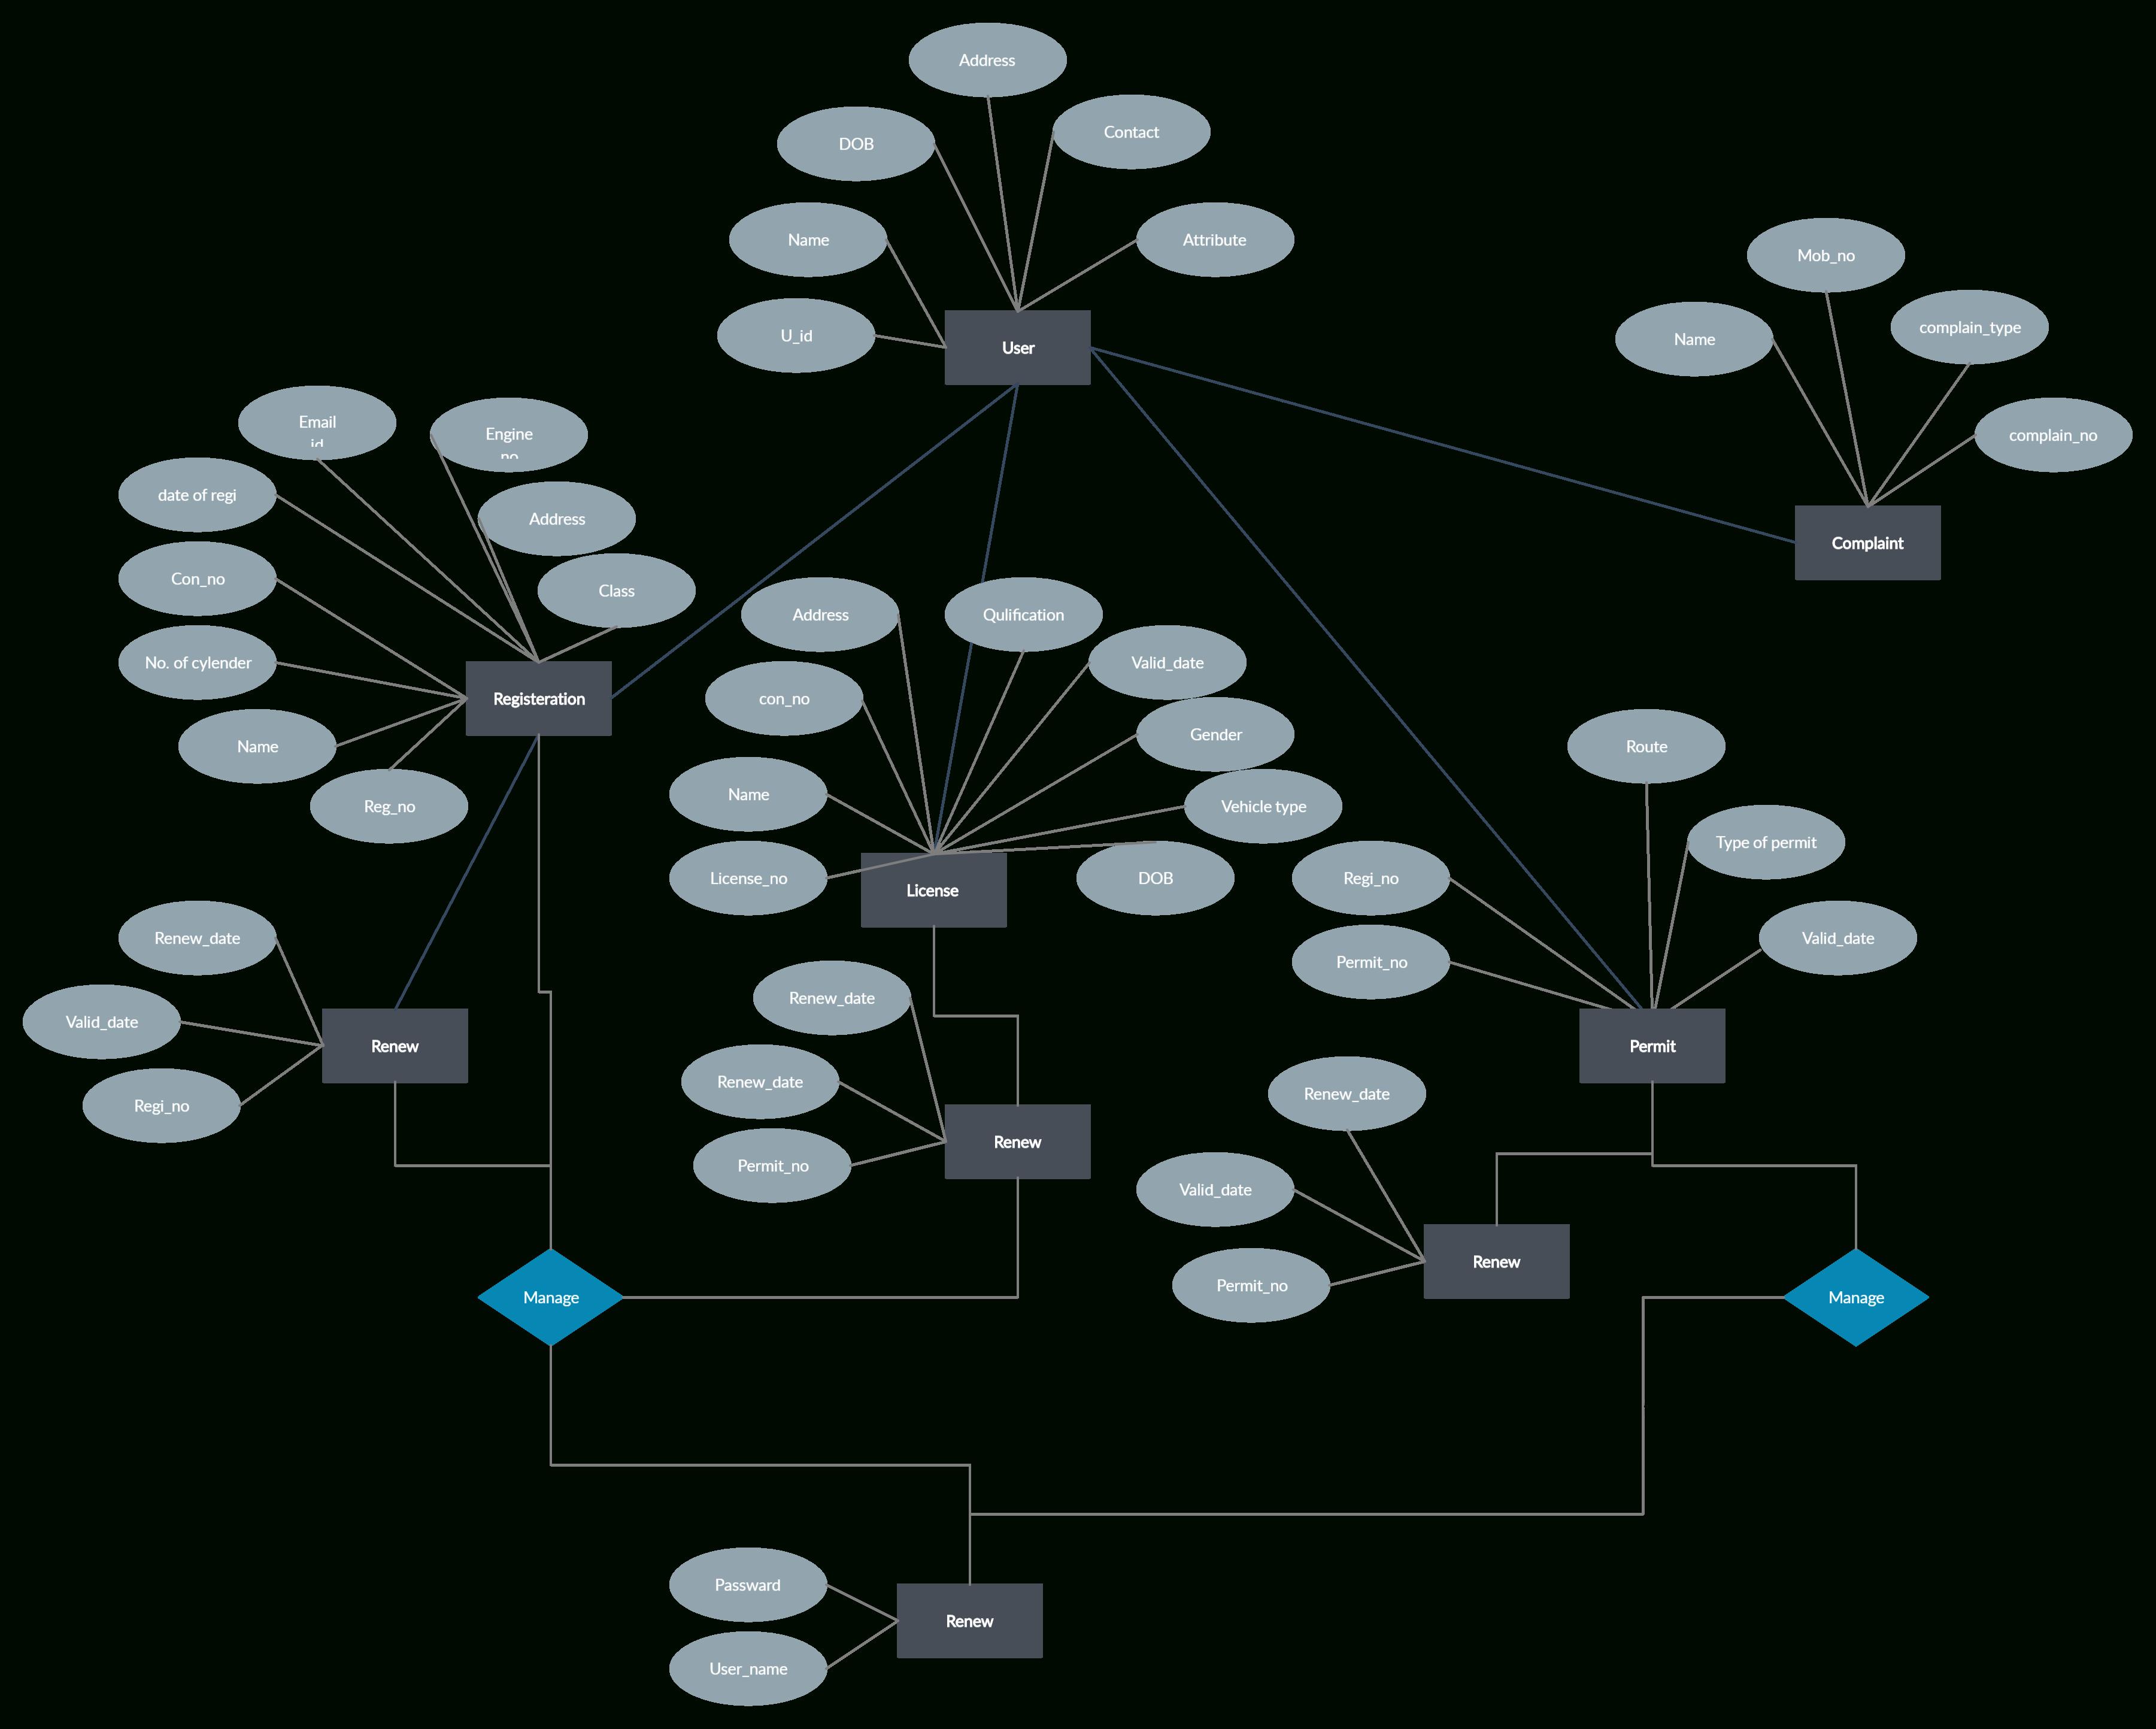 Transport Management System Use Case Diagram